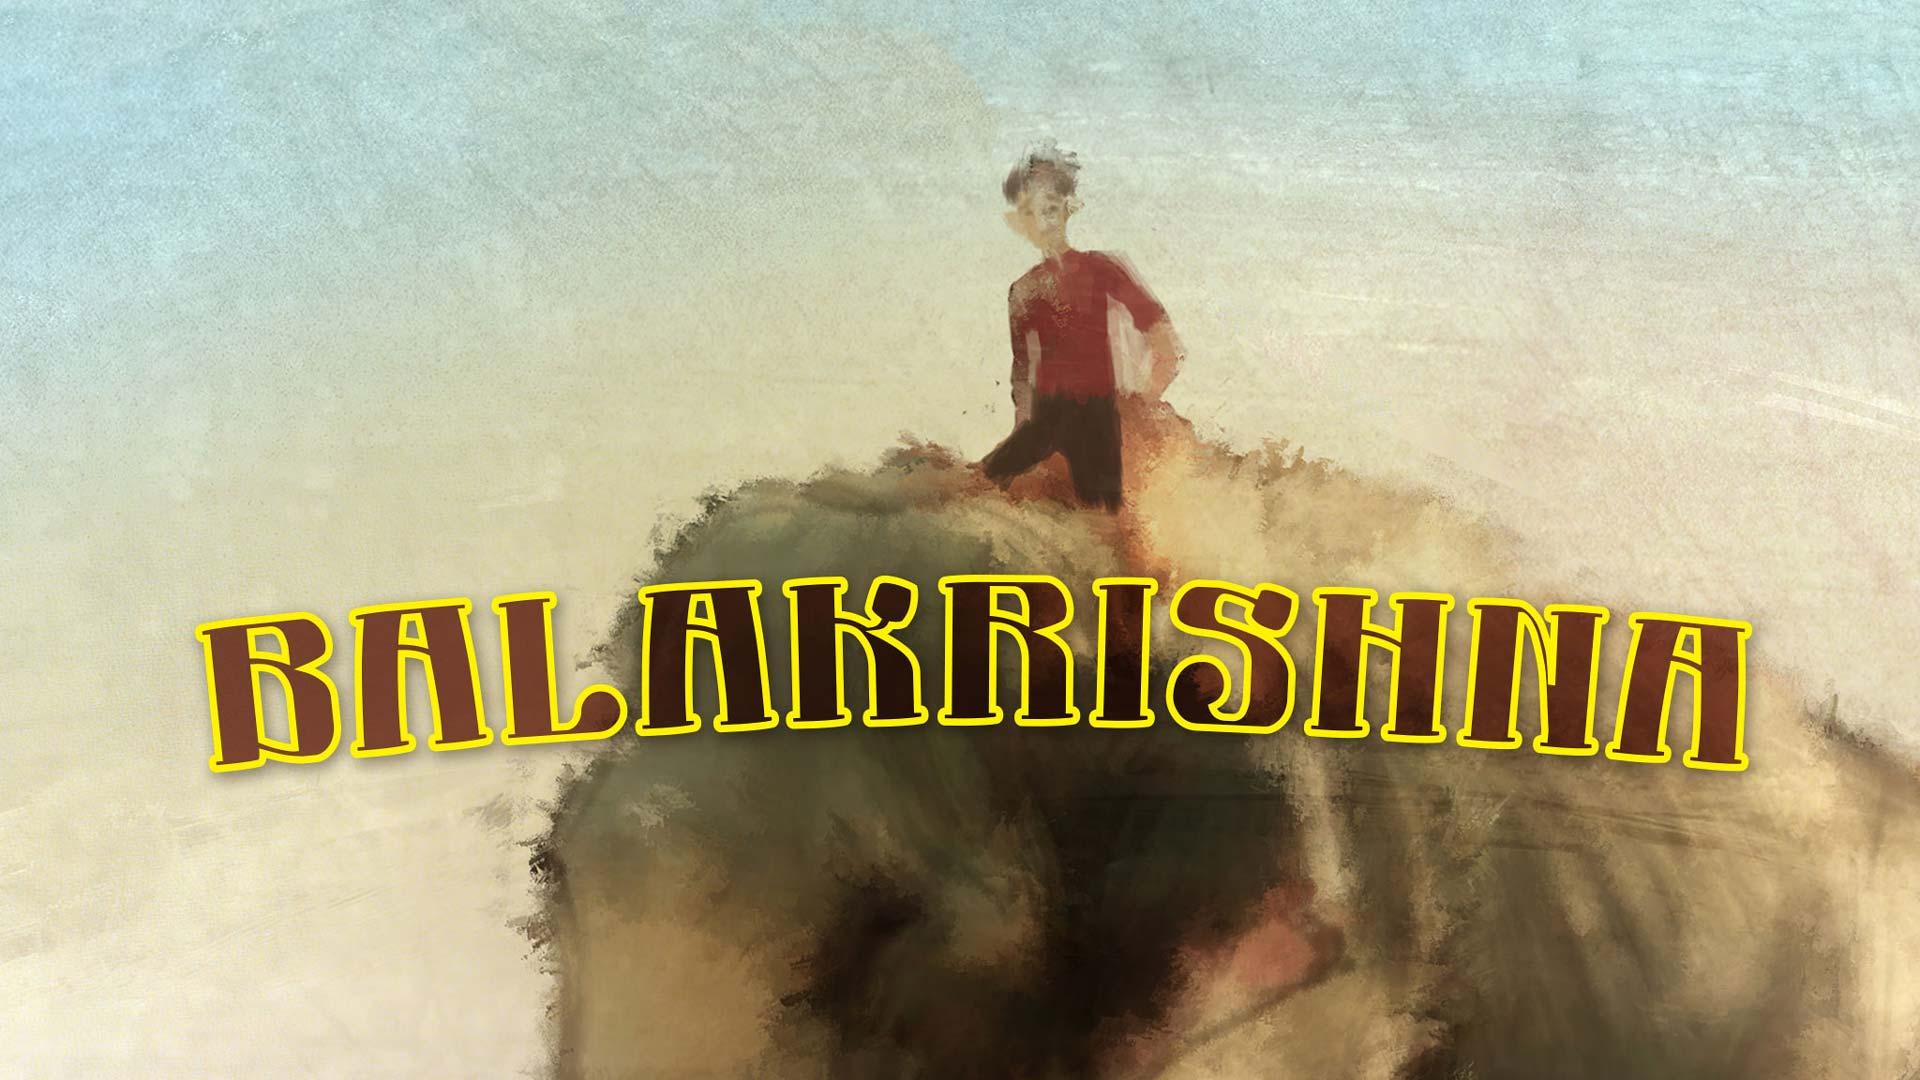 Balakrishna - image